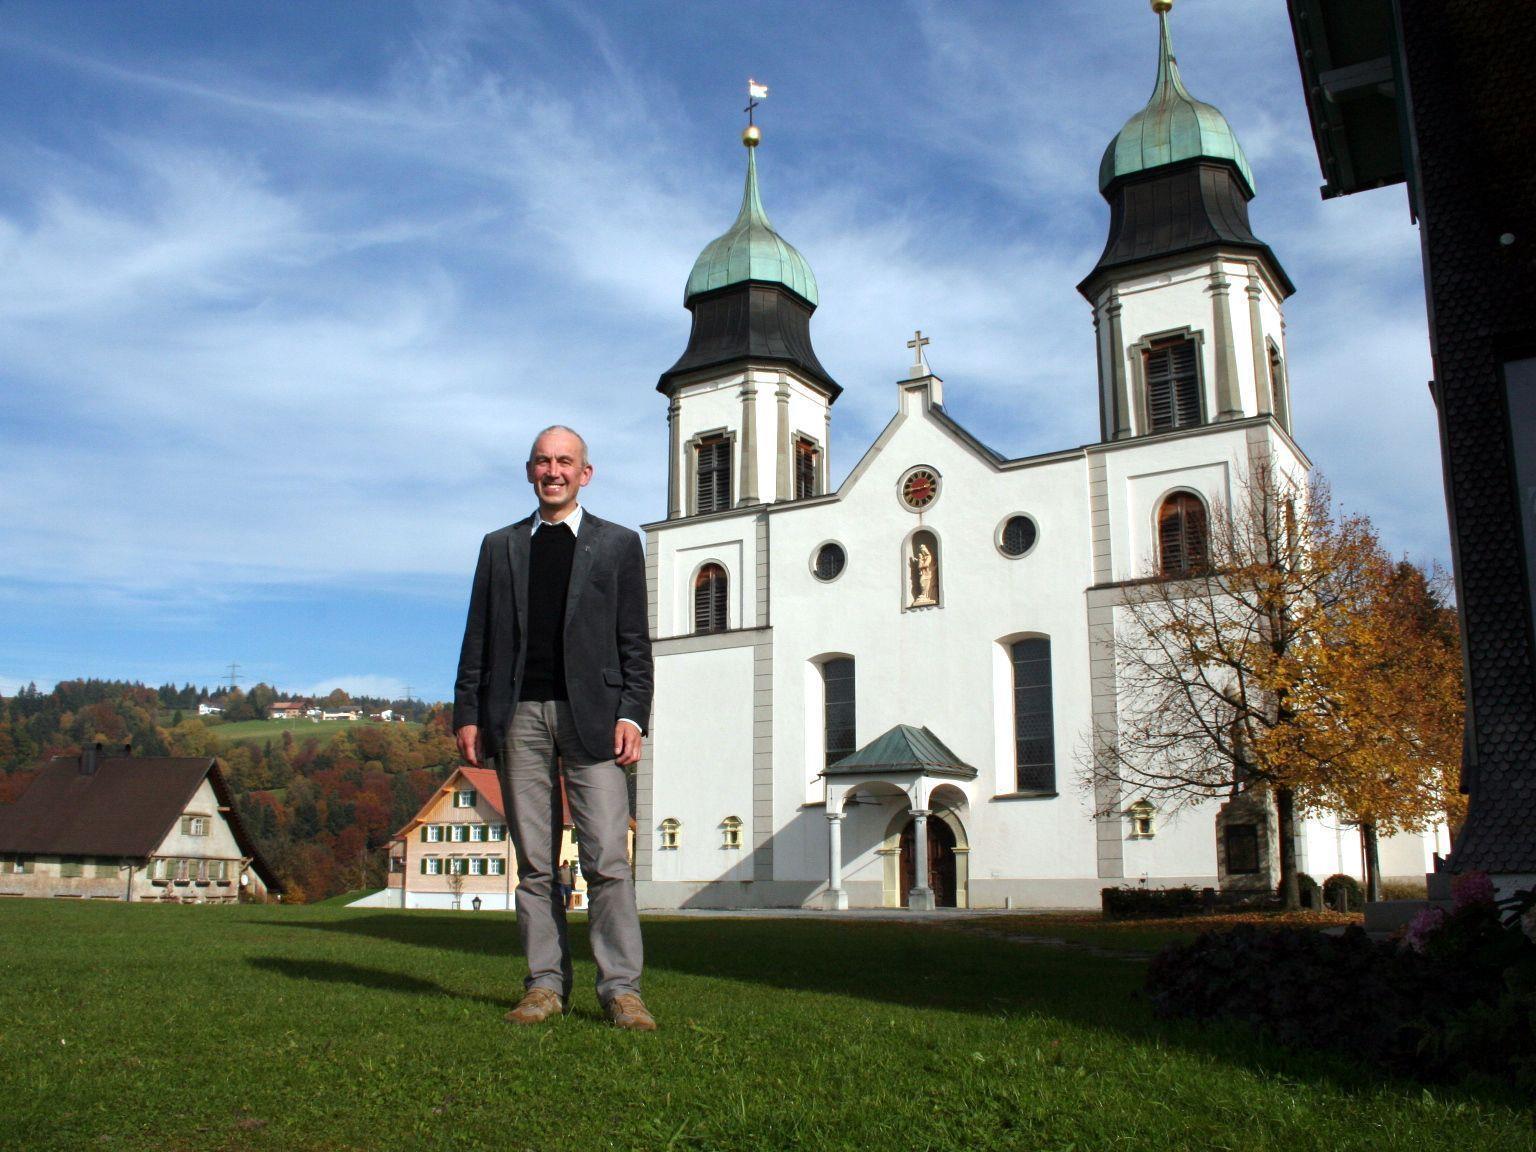 Pfarrer Paul Burtscher steckt viel Herzblut in die Kirchenrenovierung.